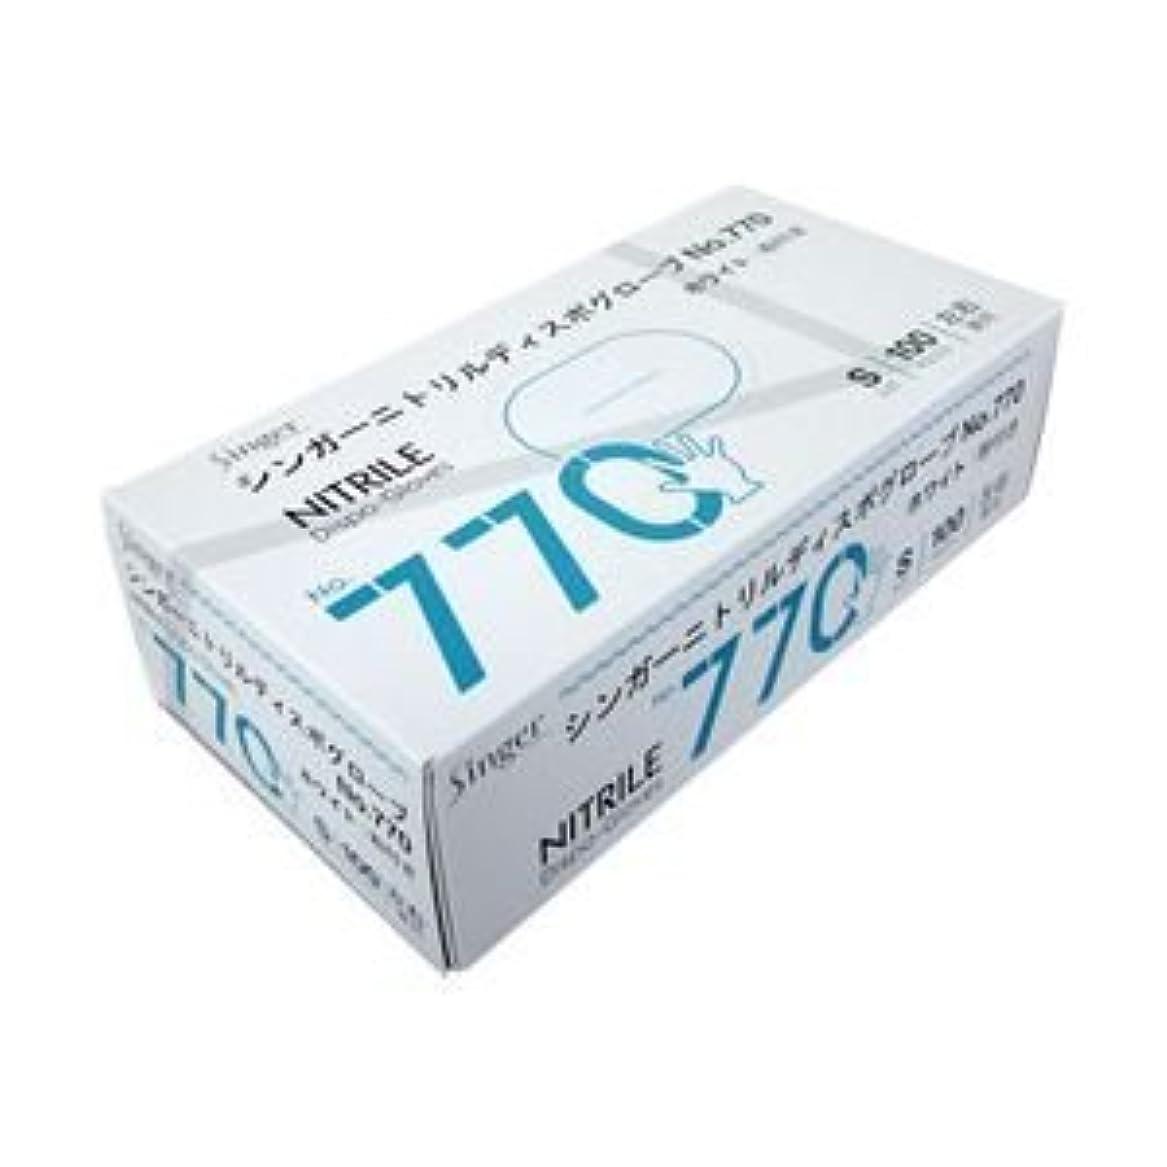 暴露香り国民投票宇都宮製作 ニトリル手袋770 粉付き S 1箱(100枚) ×5セット